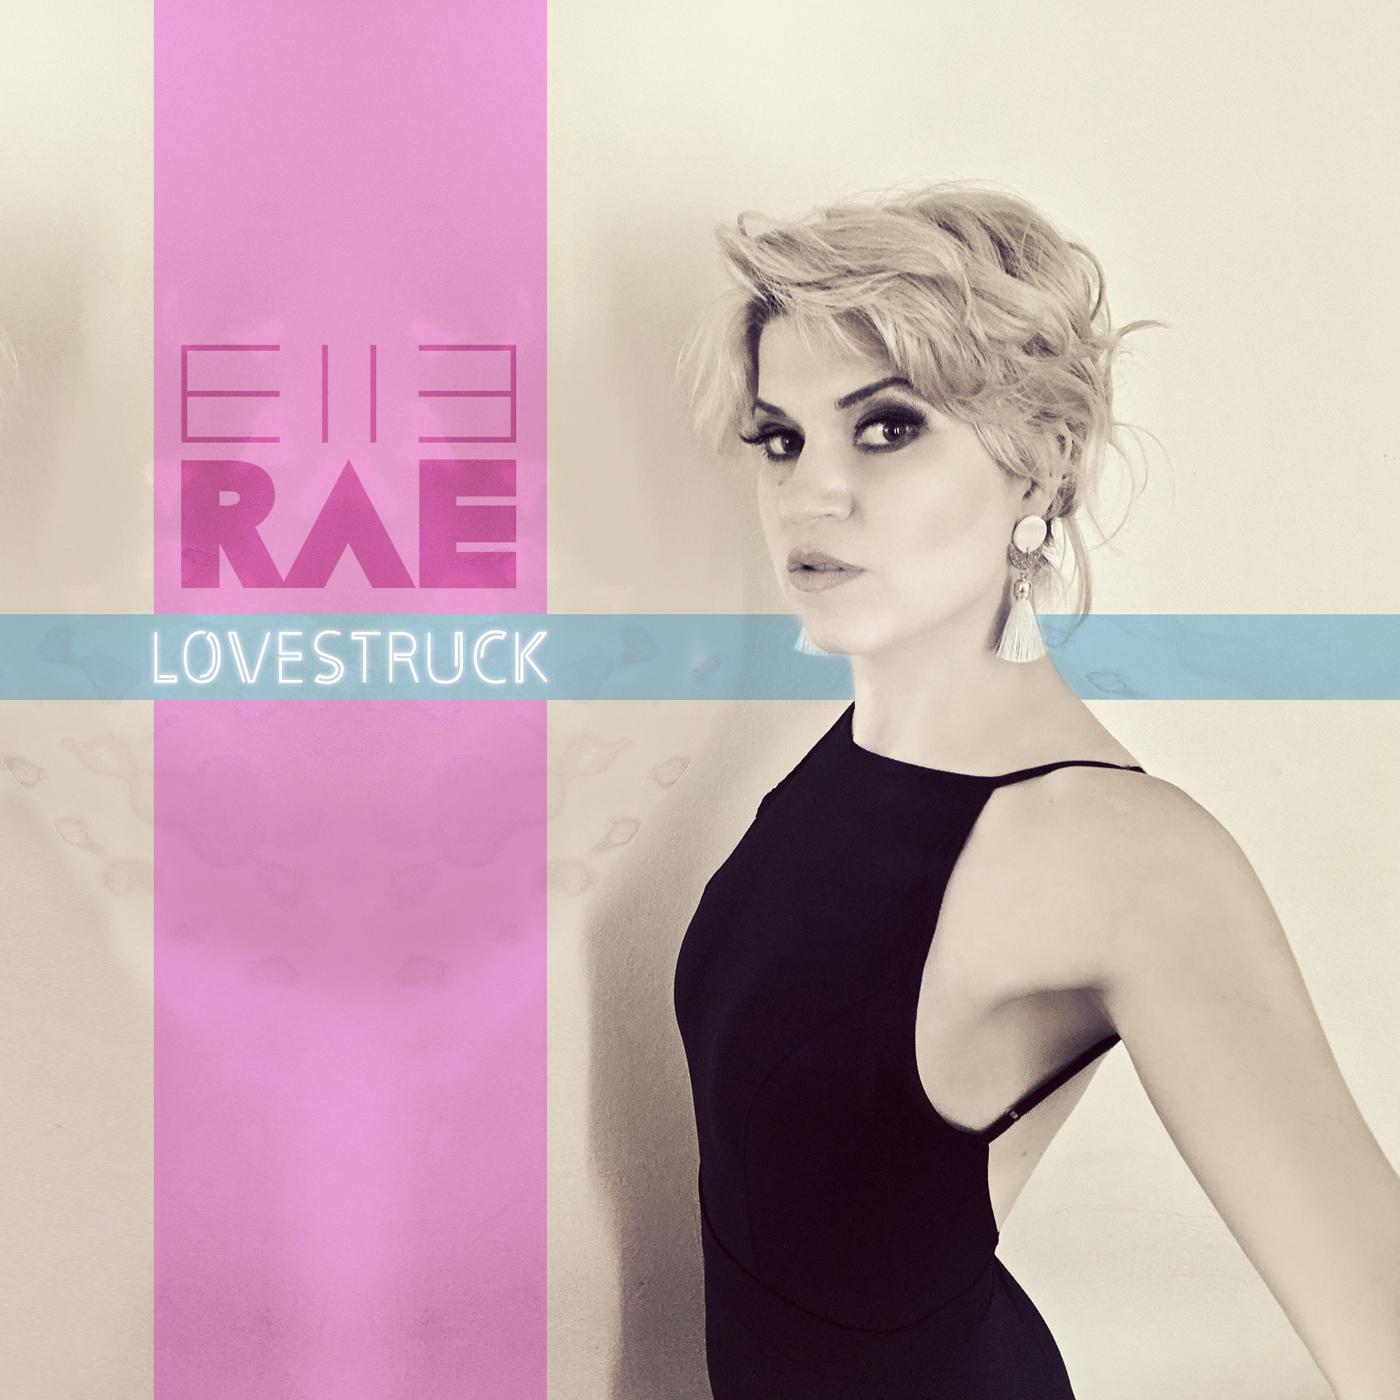 LoveStruck-Artwork-.jpg